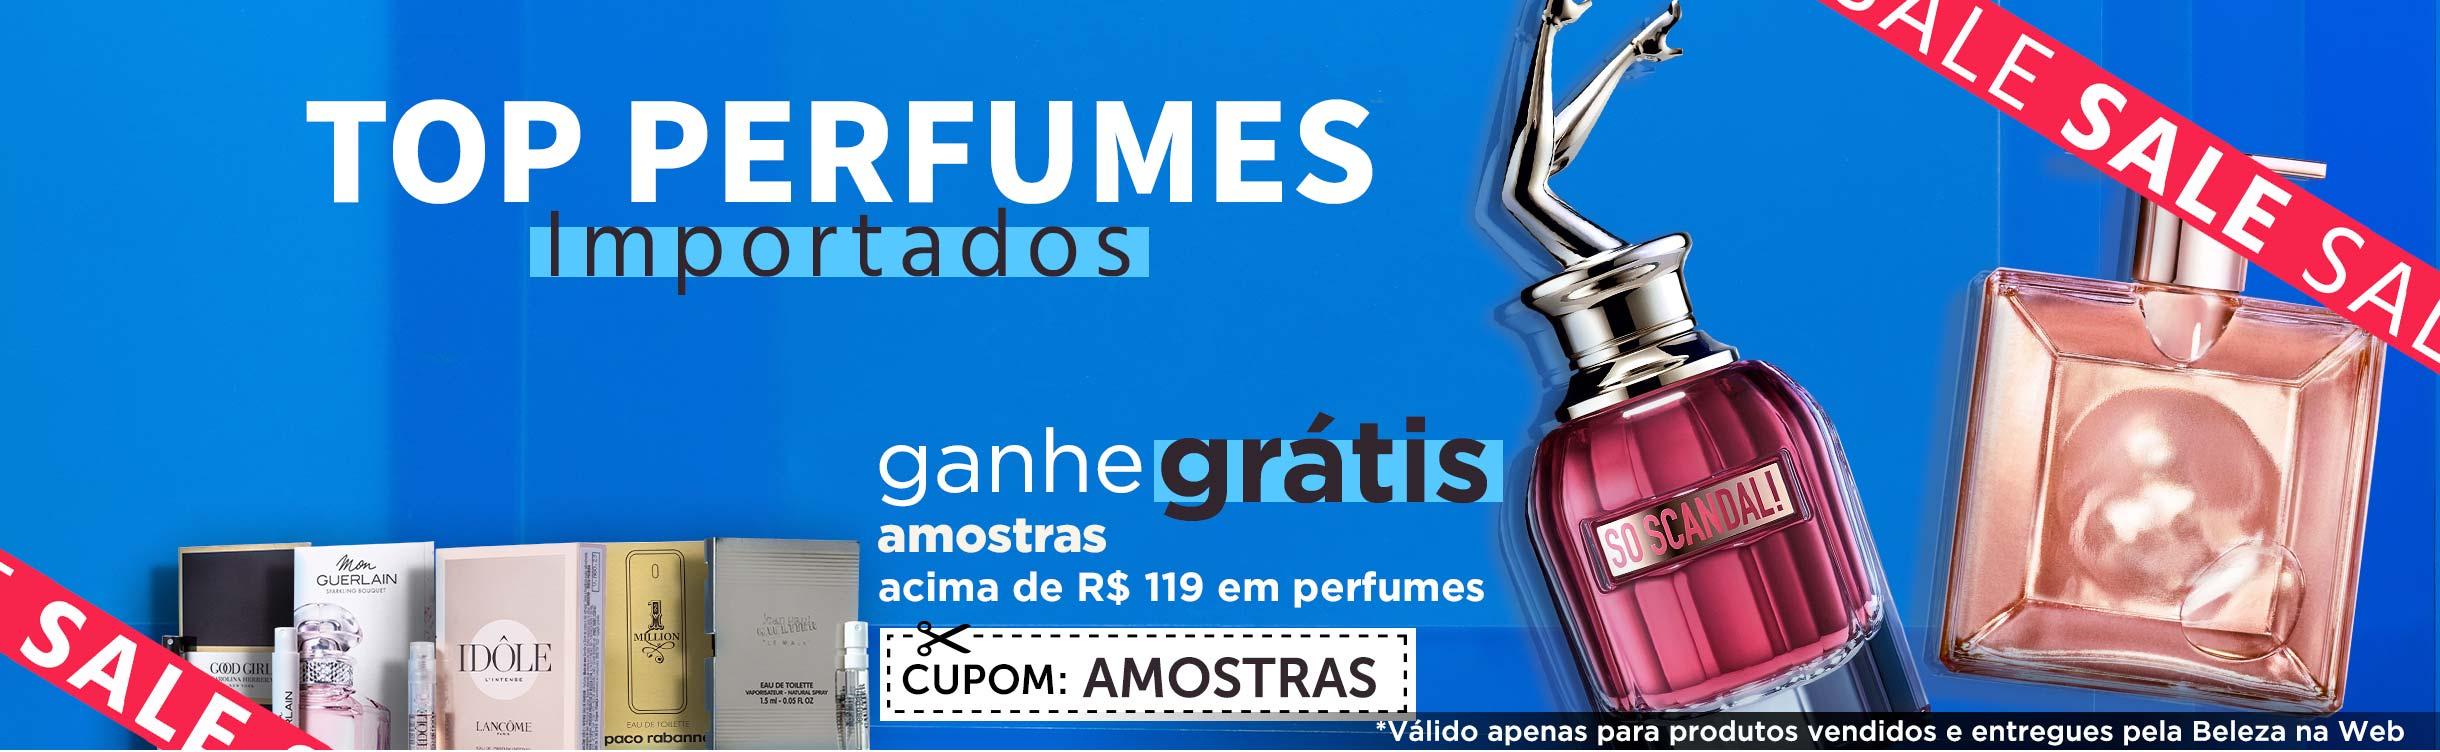 Perfumes e Perfumaria Importados em até 10x